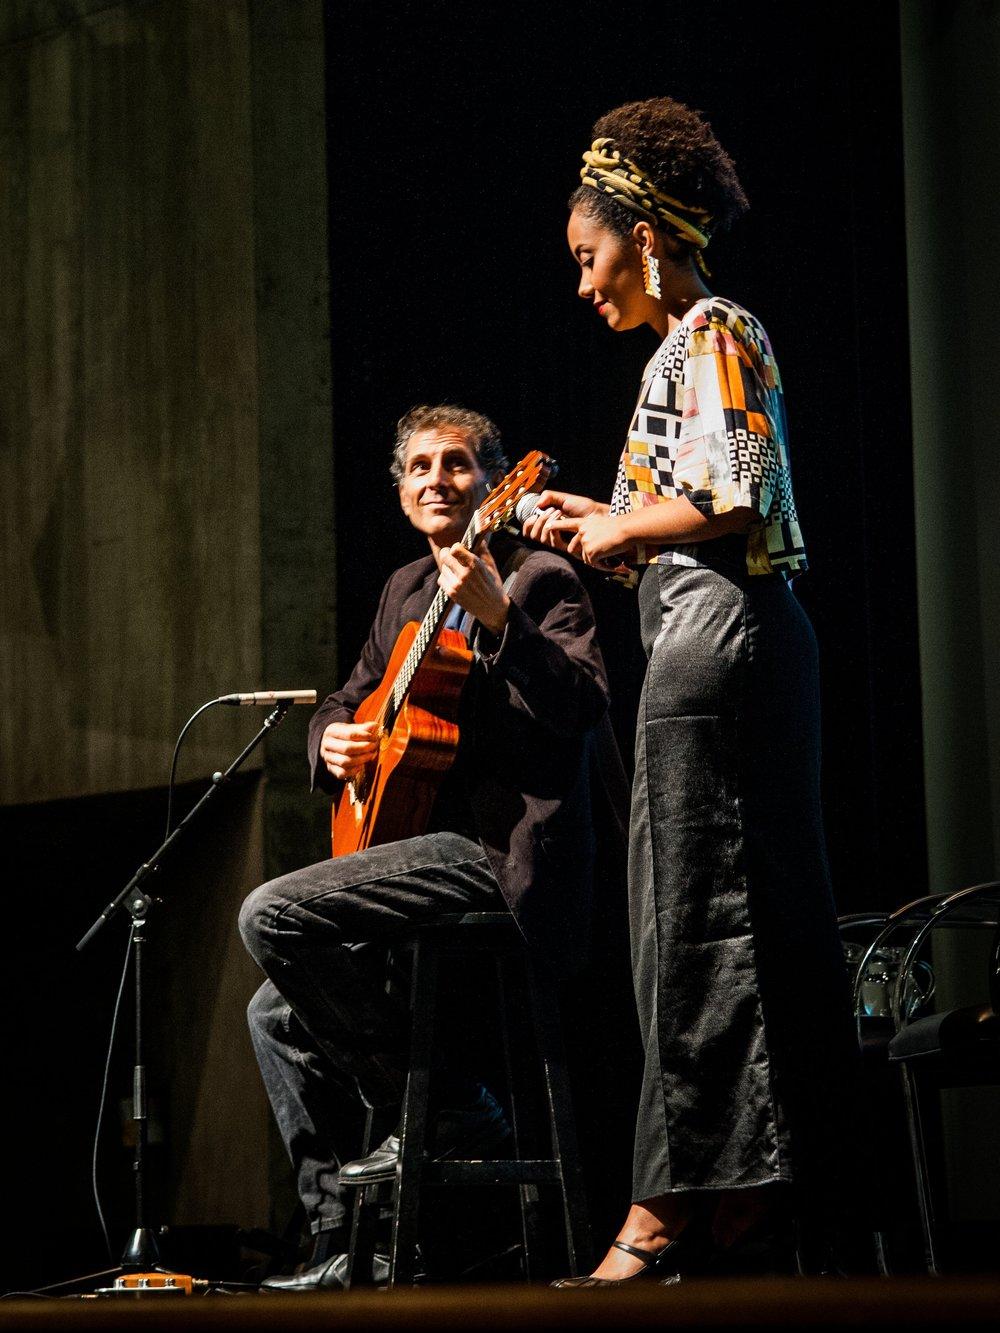 With Andreia Balbino at SESC Vila Mariana Sāo Paulo, Brazil